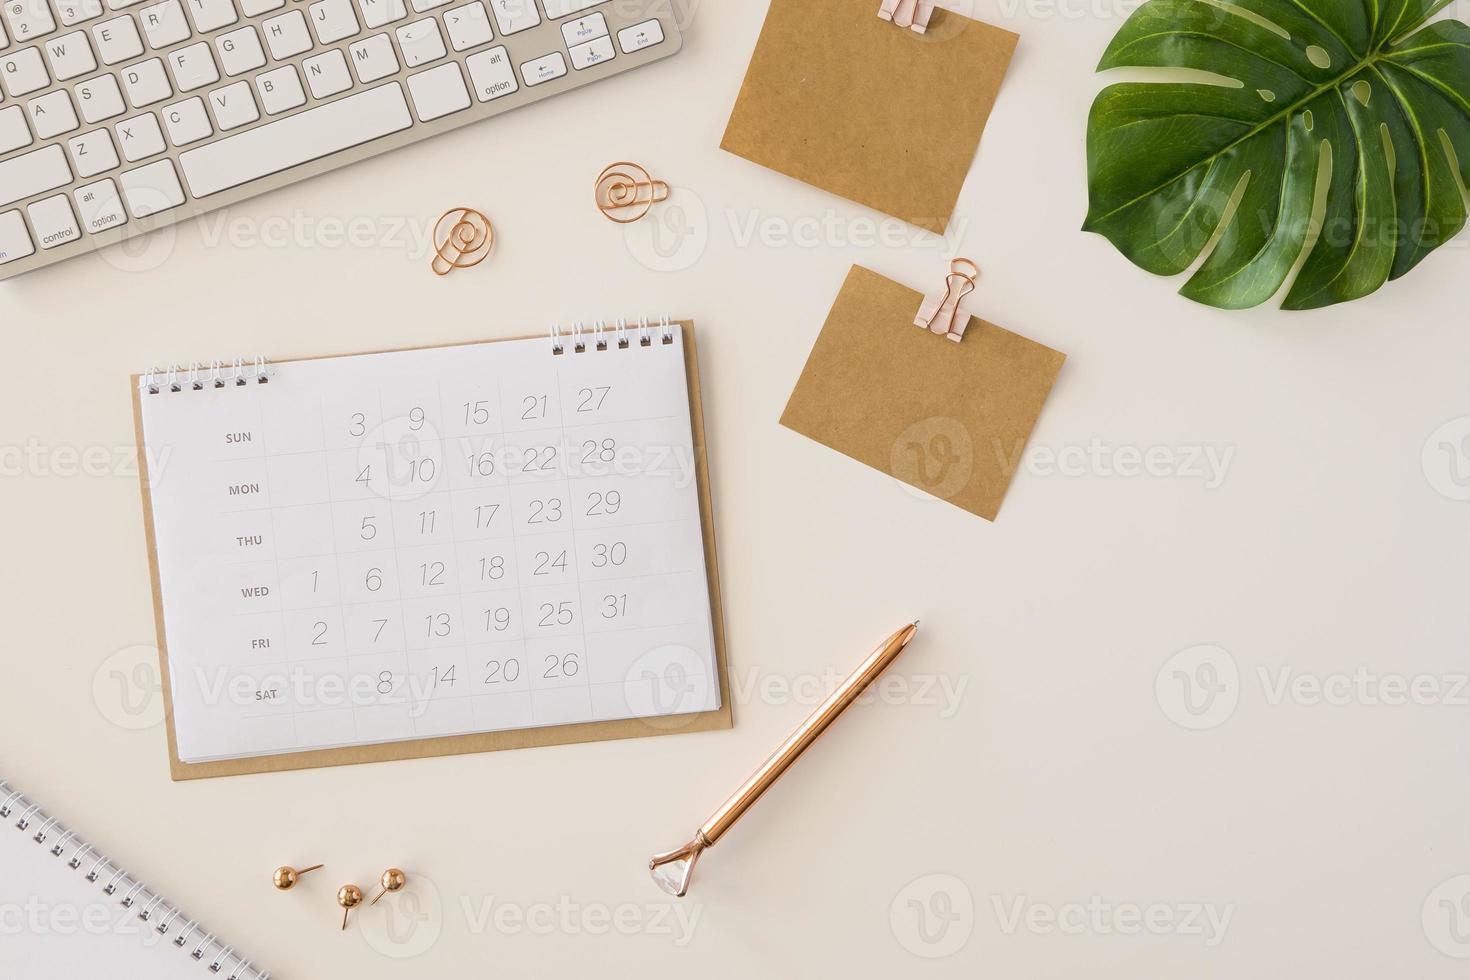 calendario da tavolo piatto laici con foglia di monstera foto